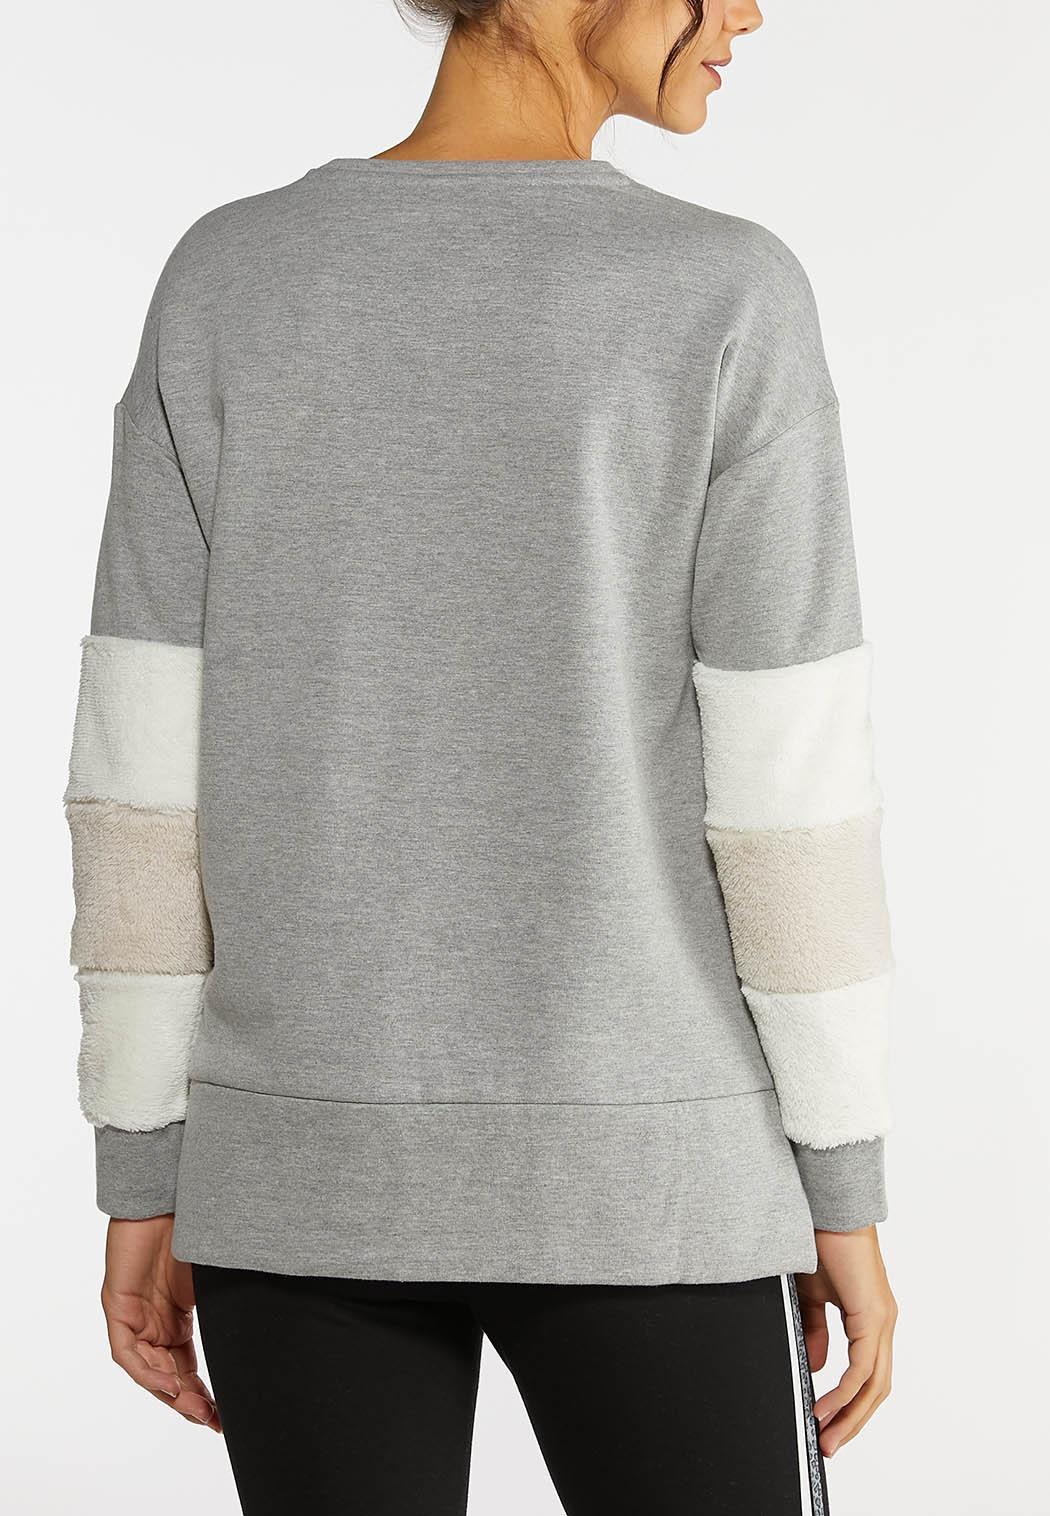 Fur Cuff Sweatshirt (Item #44020910)